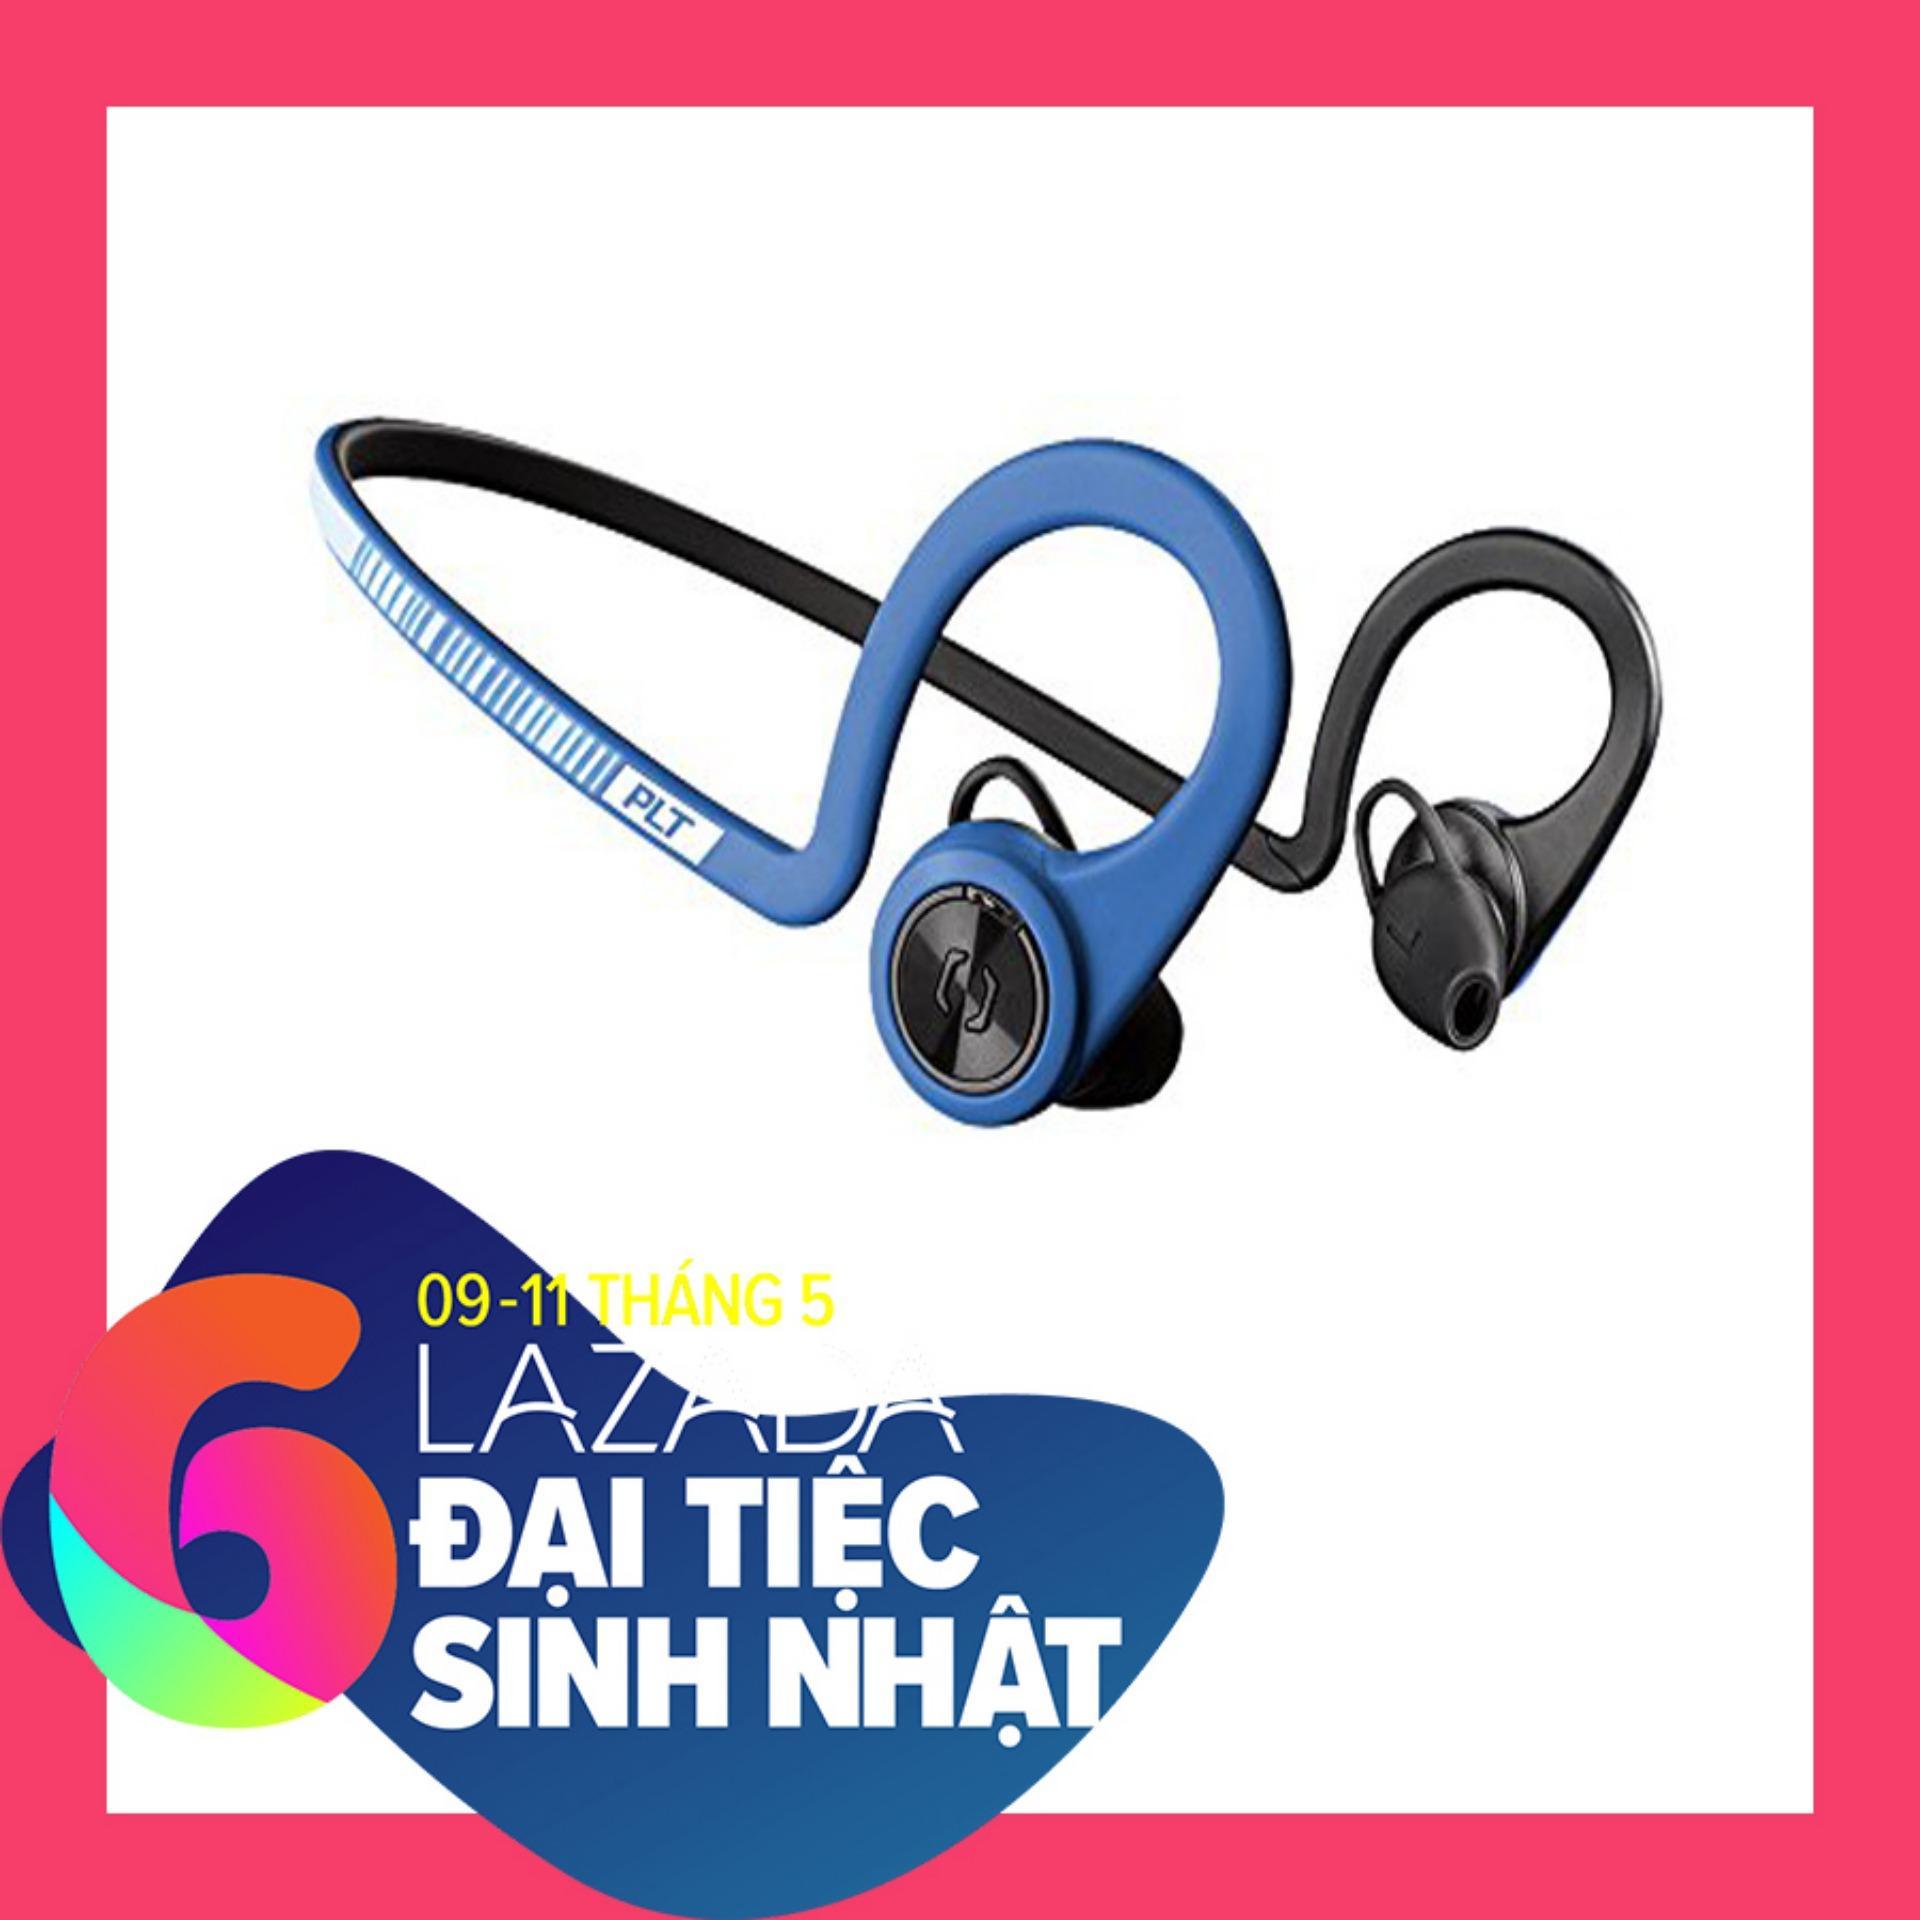 Bán Tai Nghe Bluetooth Plantronics Backbeat Fit Người Bán Sỉ